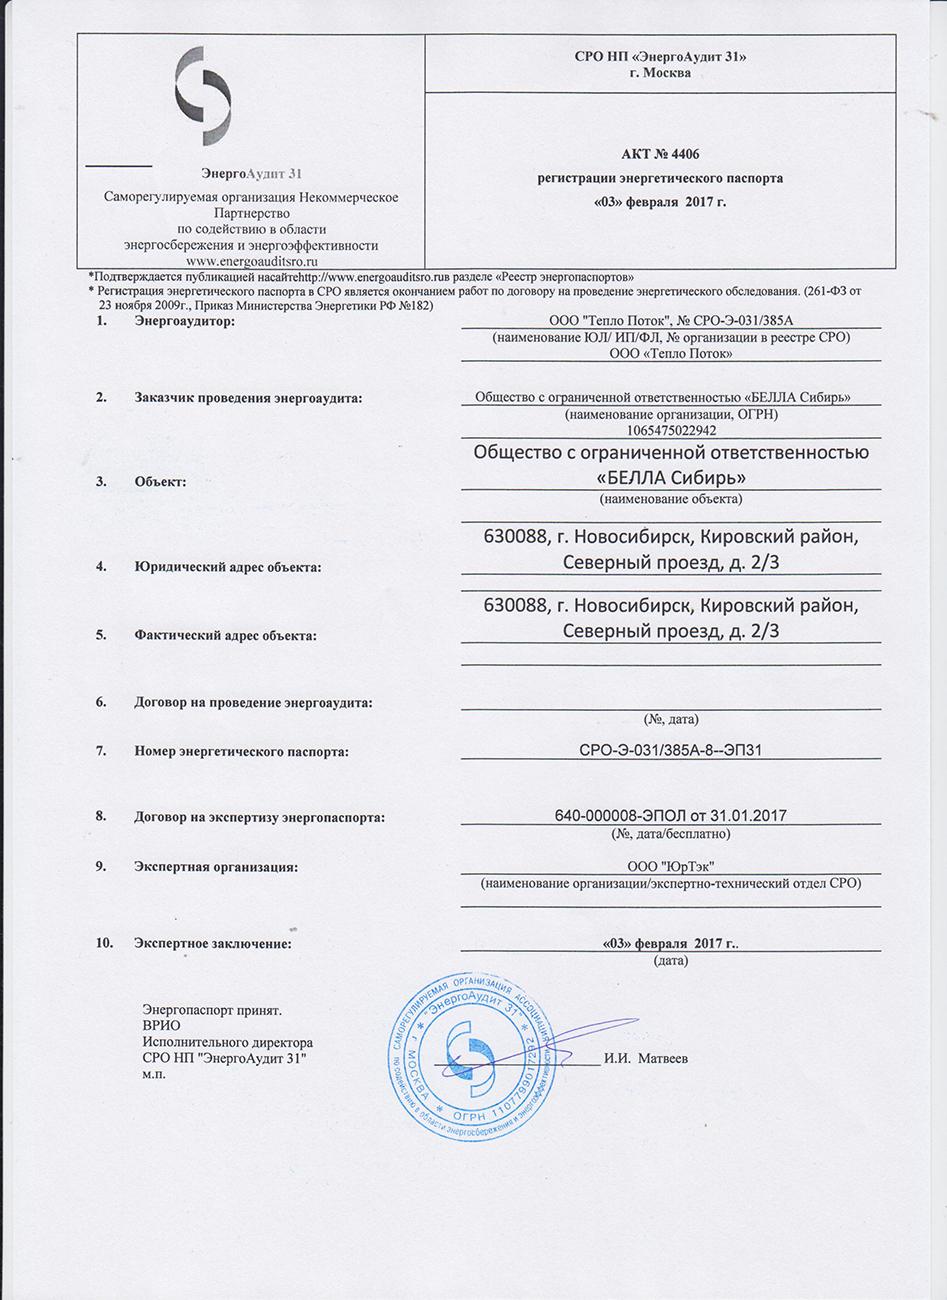 Регистрация энергетического паспорта